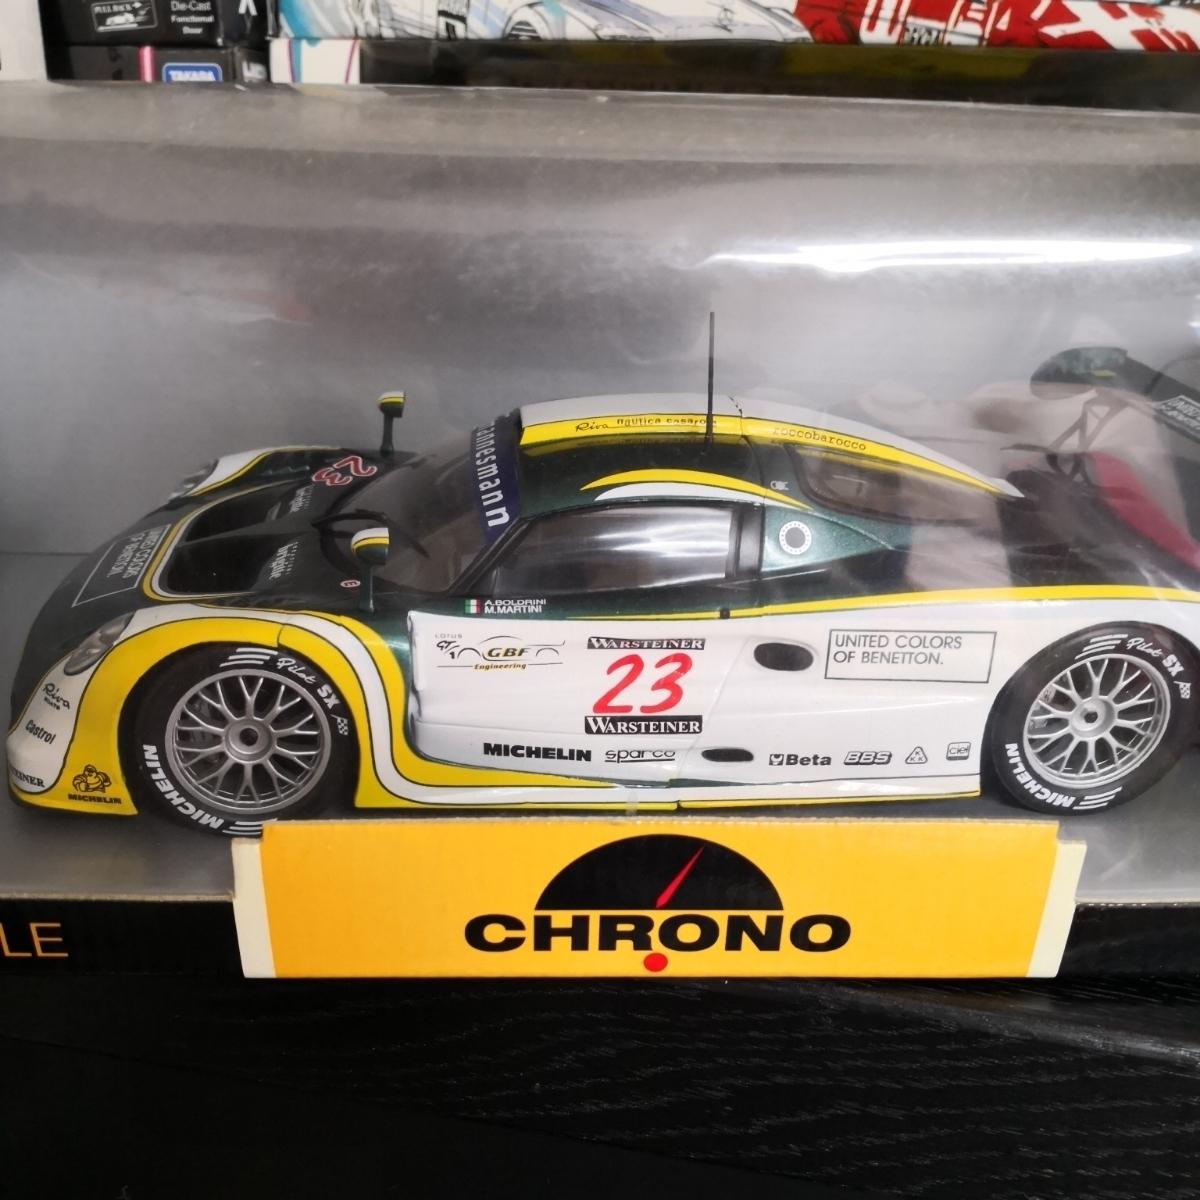 超レアー 1/18ルマンシリーズ3台ミニチュアレーシングカー_画像3